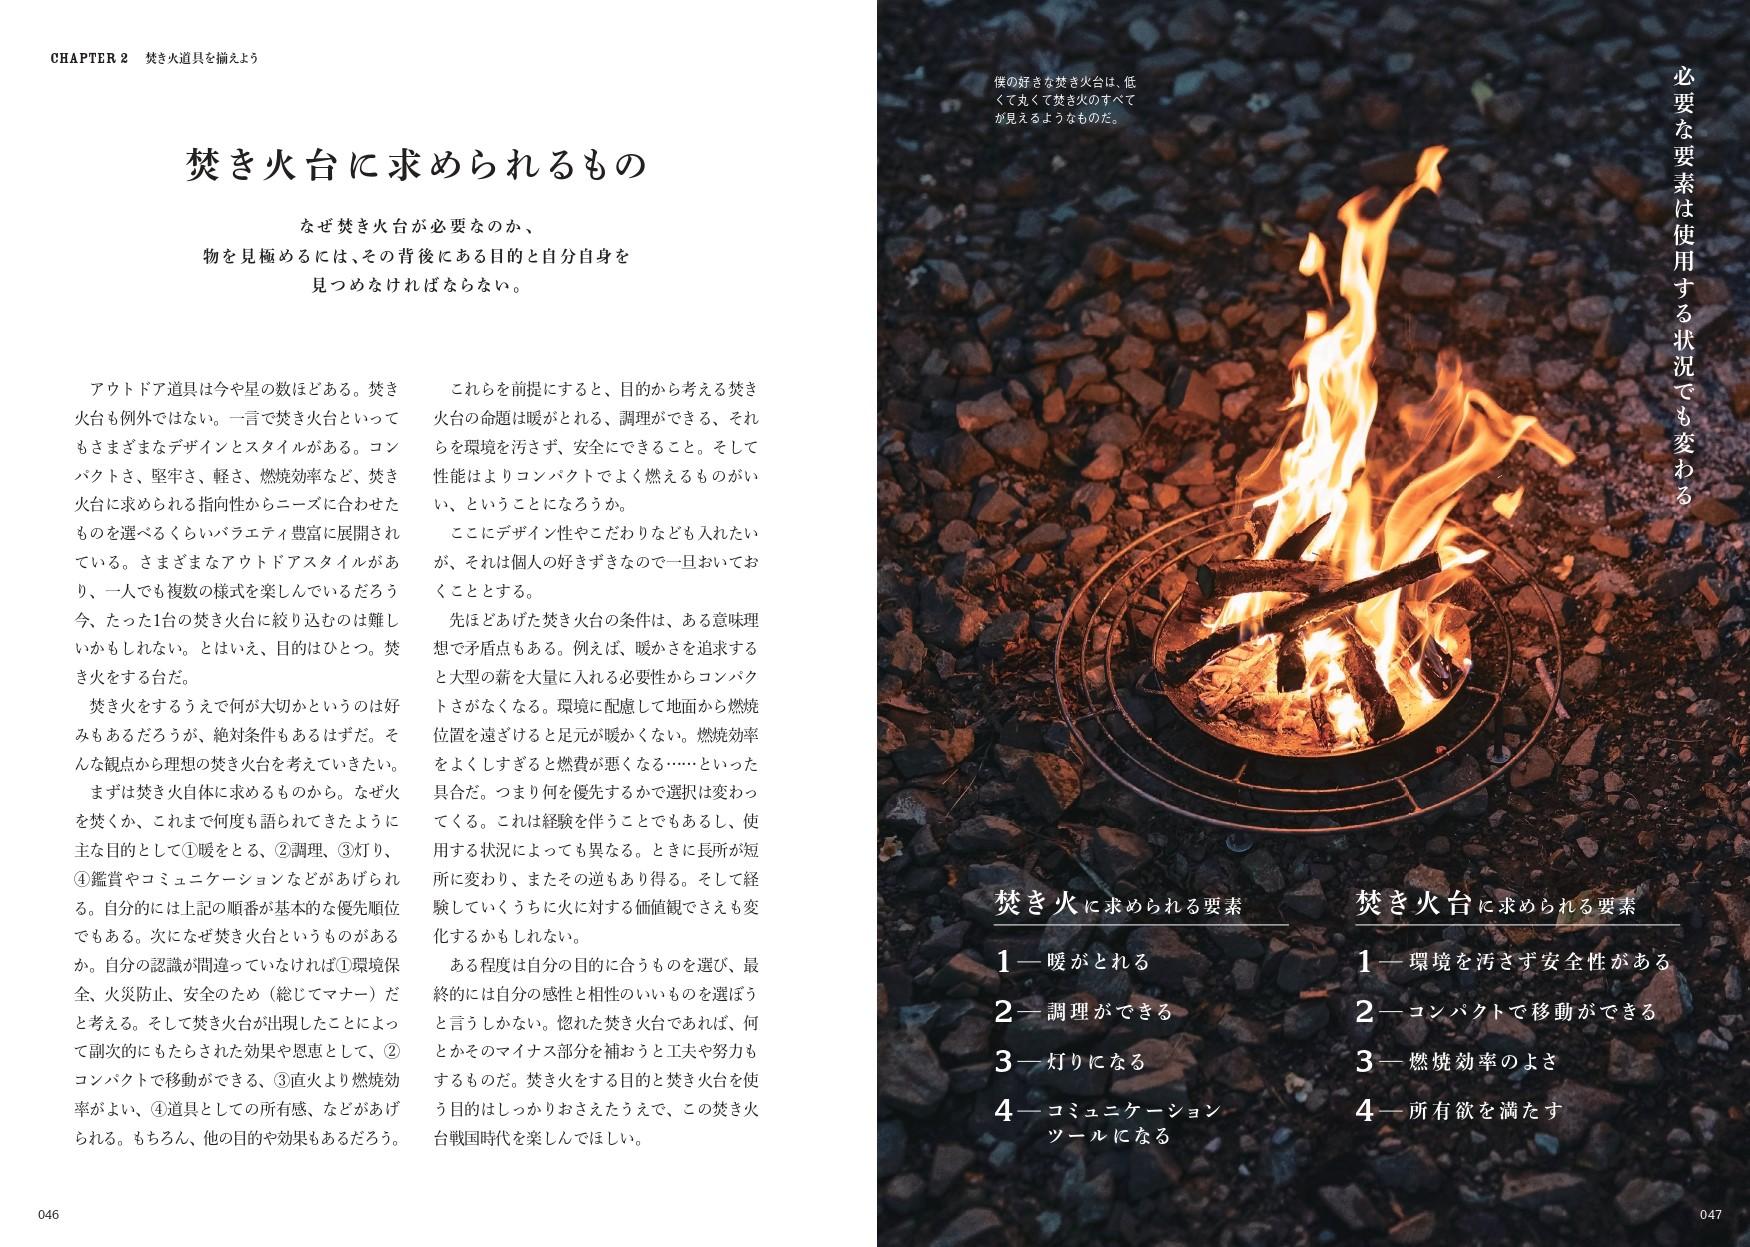 「焚き火台に求められるもの」紙面